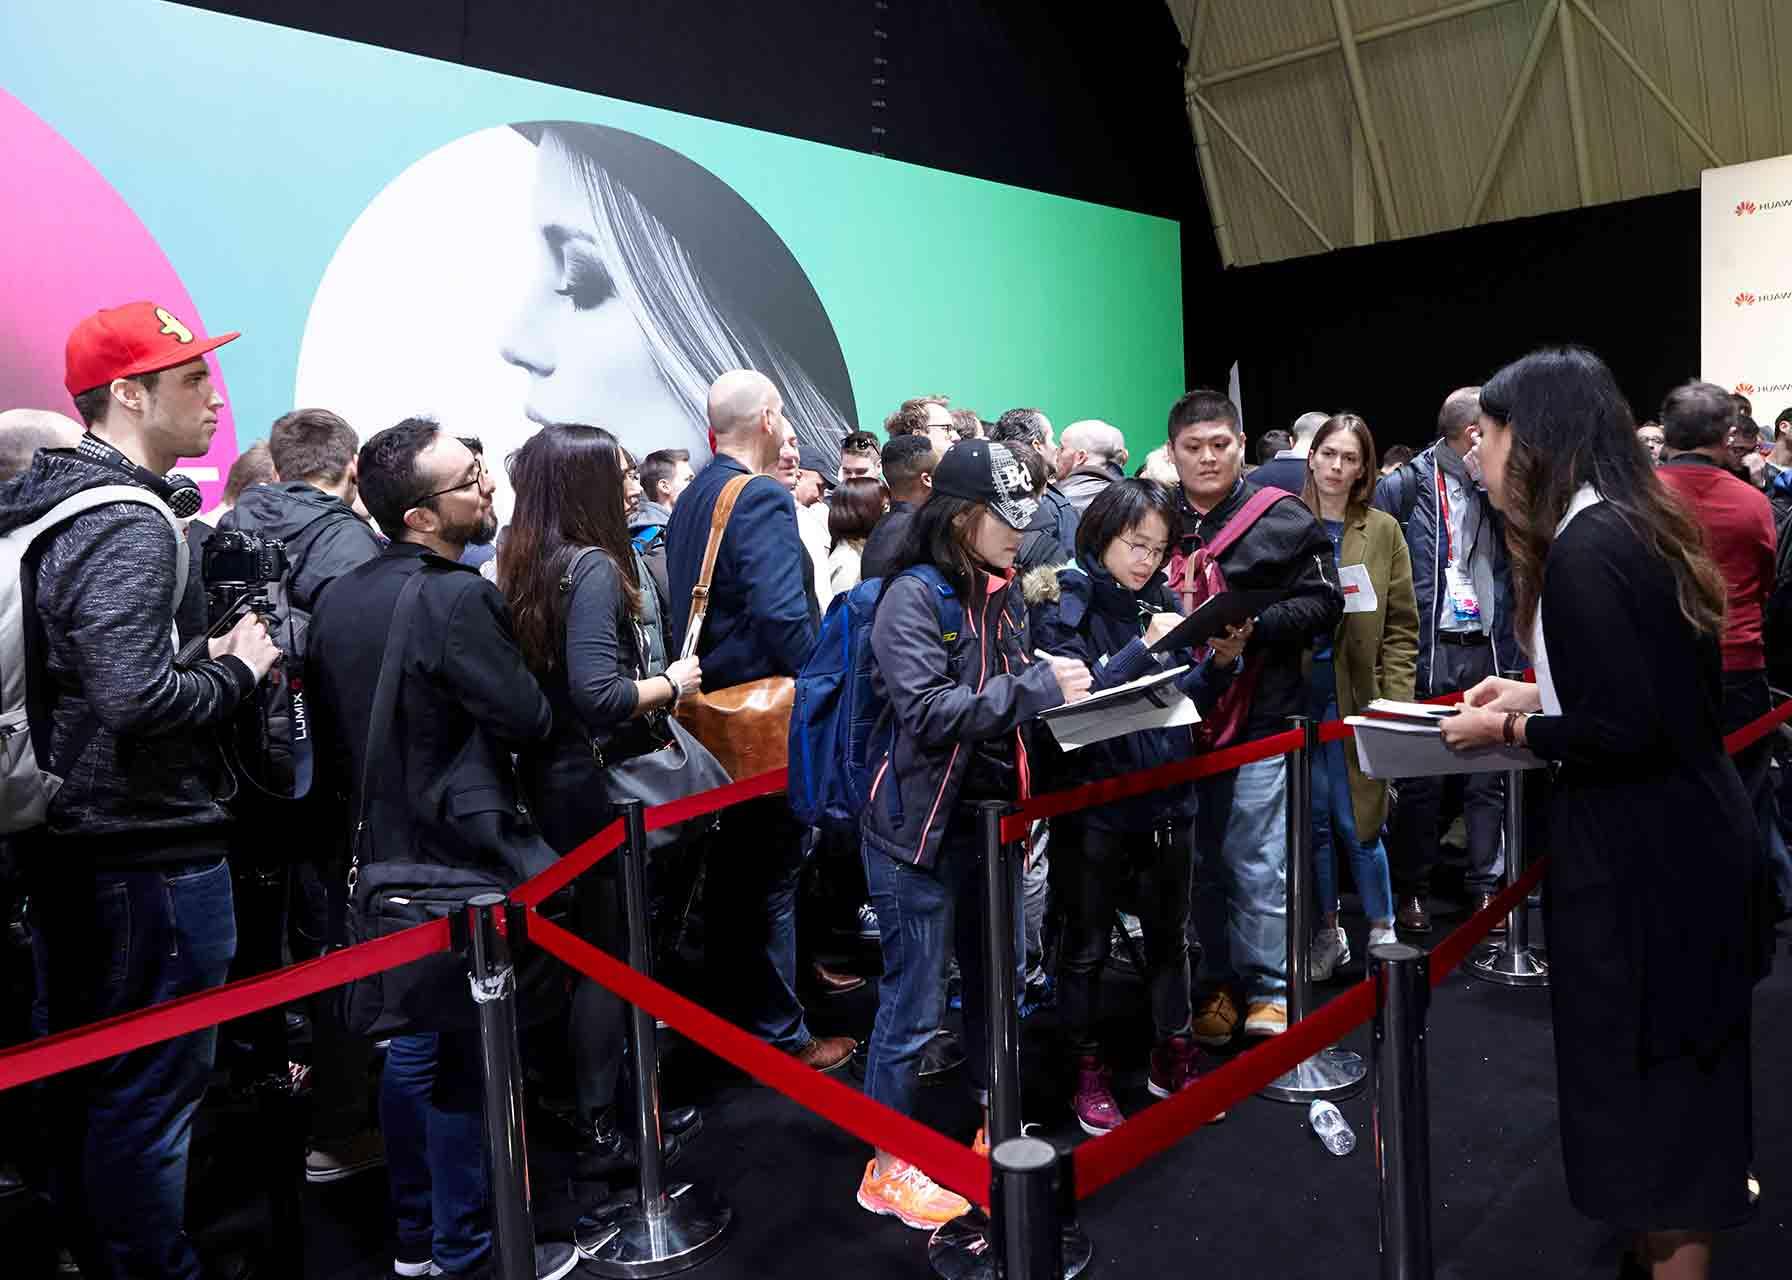 Periodistas accediendo a la presentación del nuevo modelo de smartphone de Huawei en el MWC de Barcelona